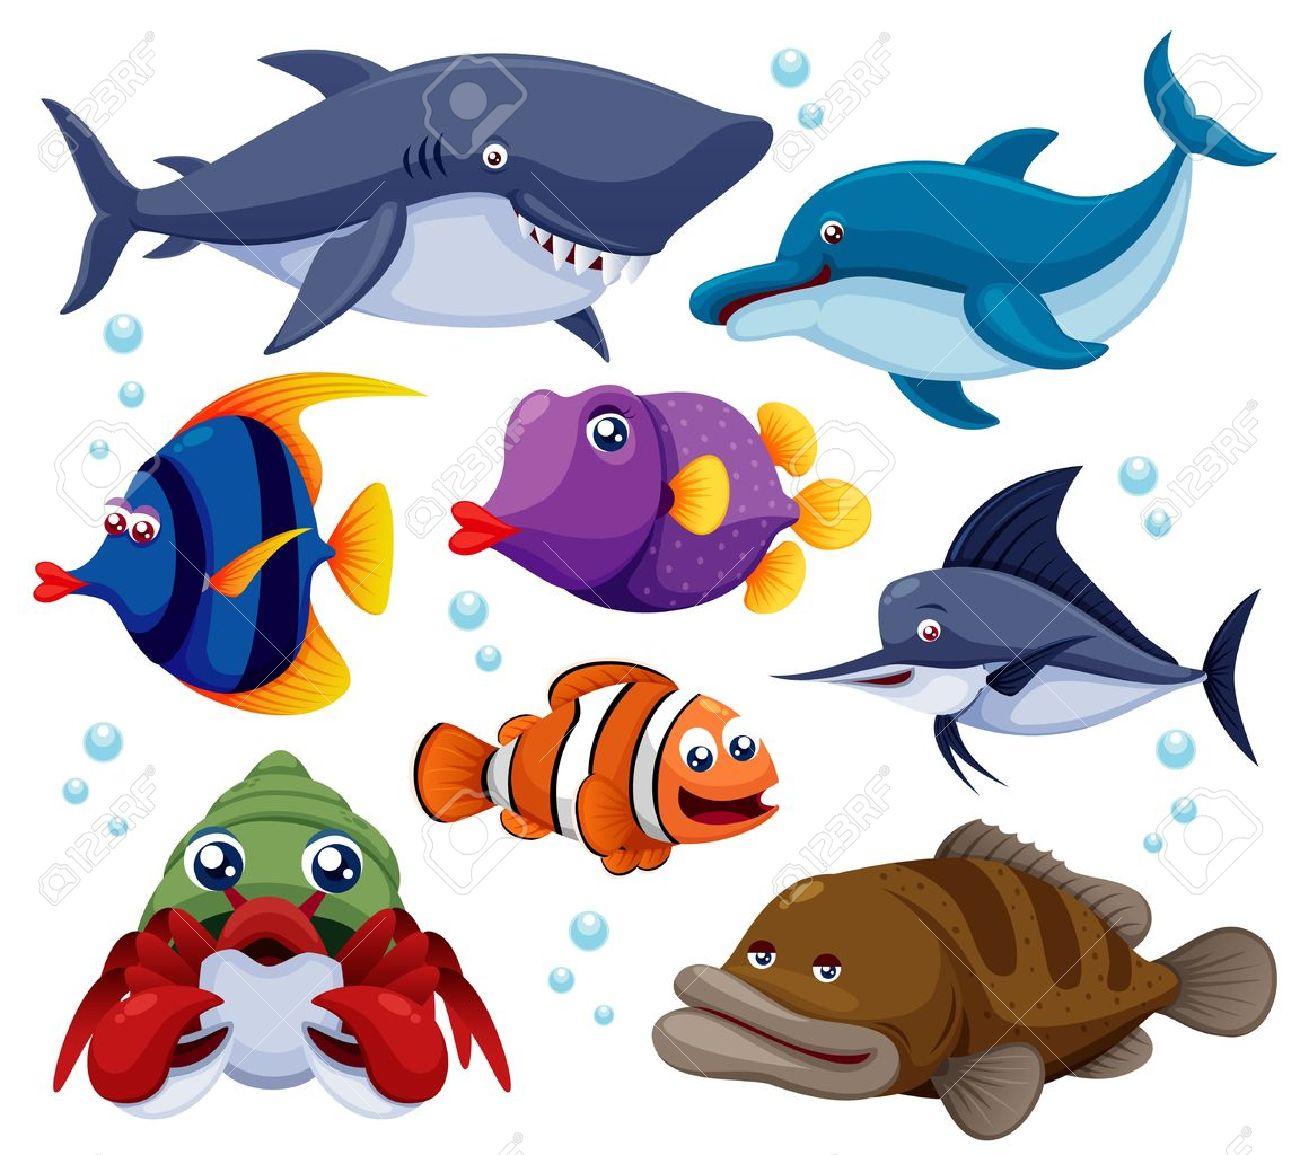 魚海のイラスト ロイヤリティフリークリップアート、ベクター、ストック